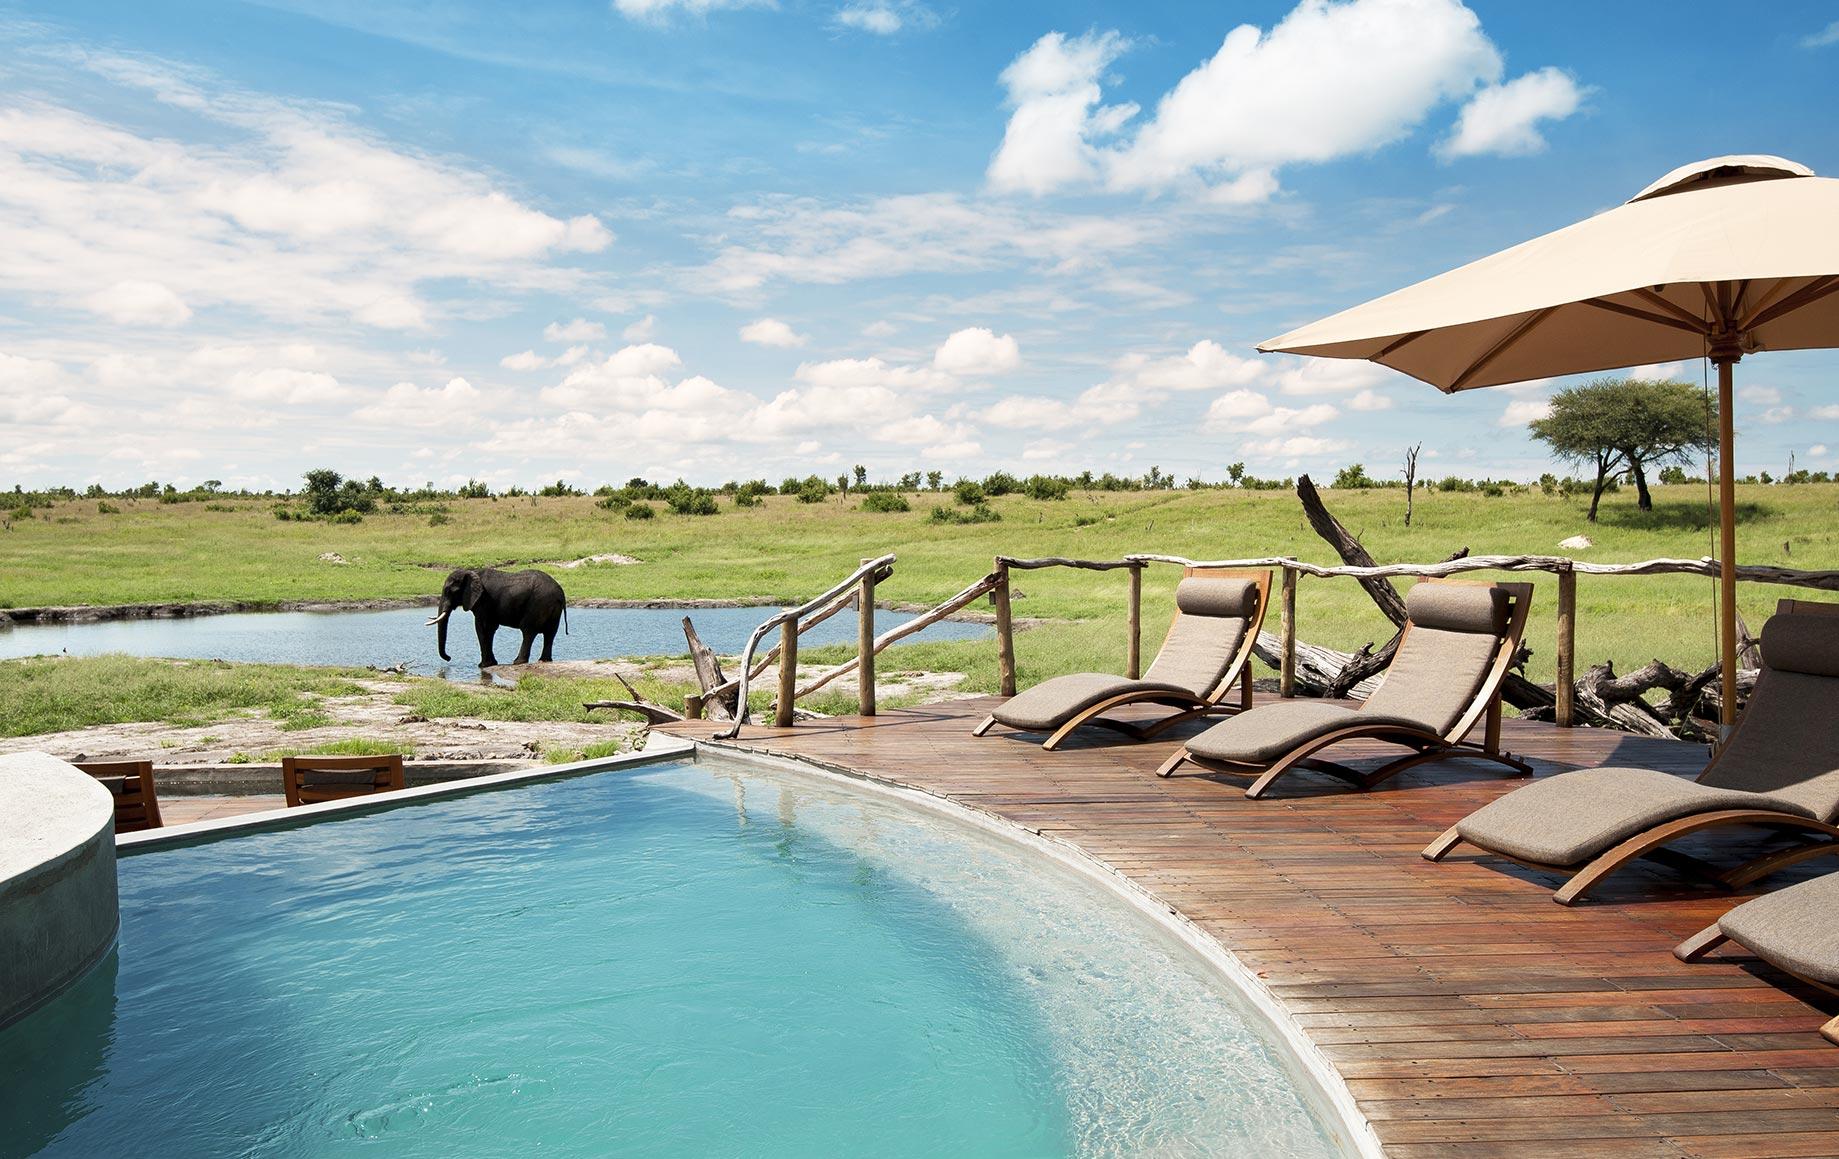 View of elephant across pool deck of Somalisa Lodge, Zimbabwe